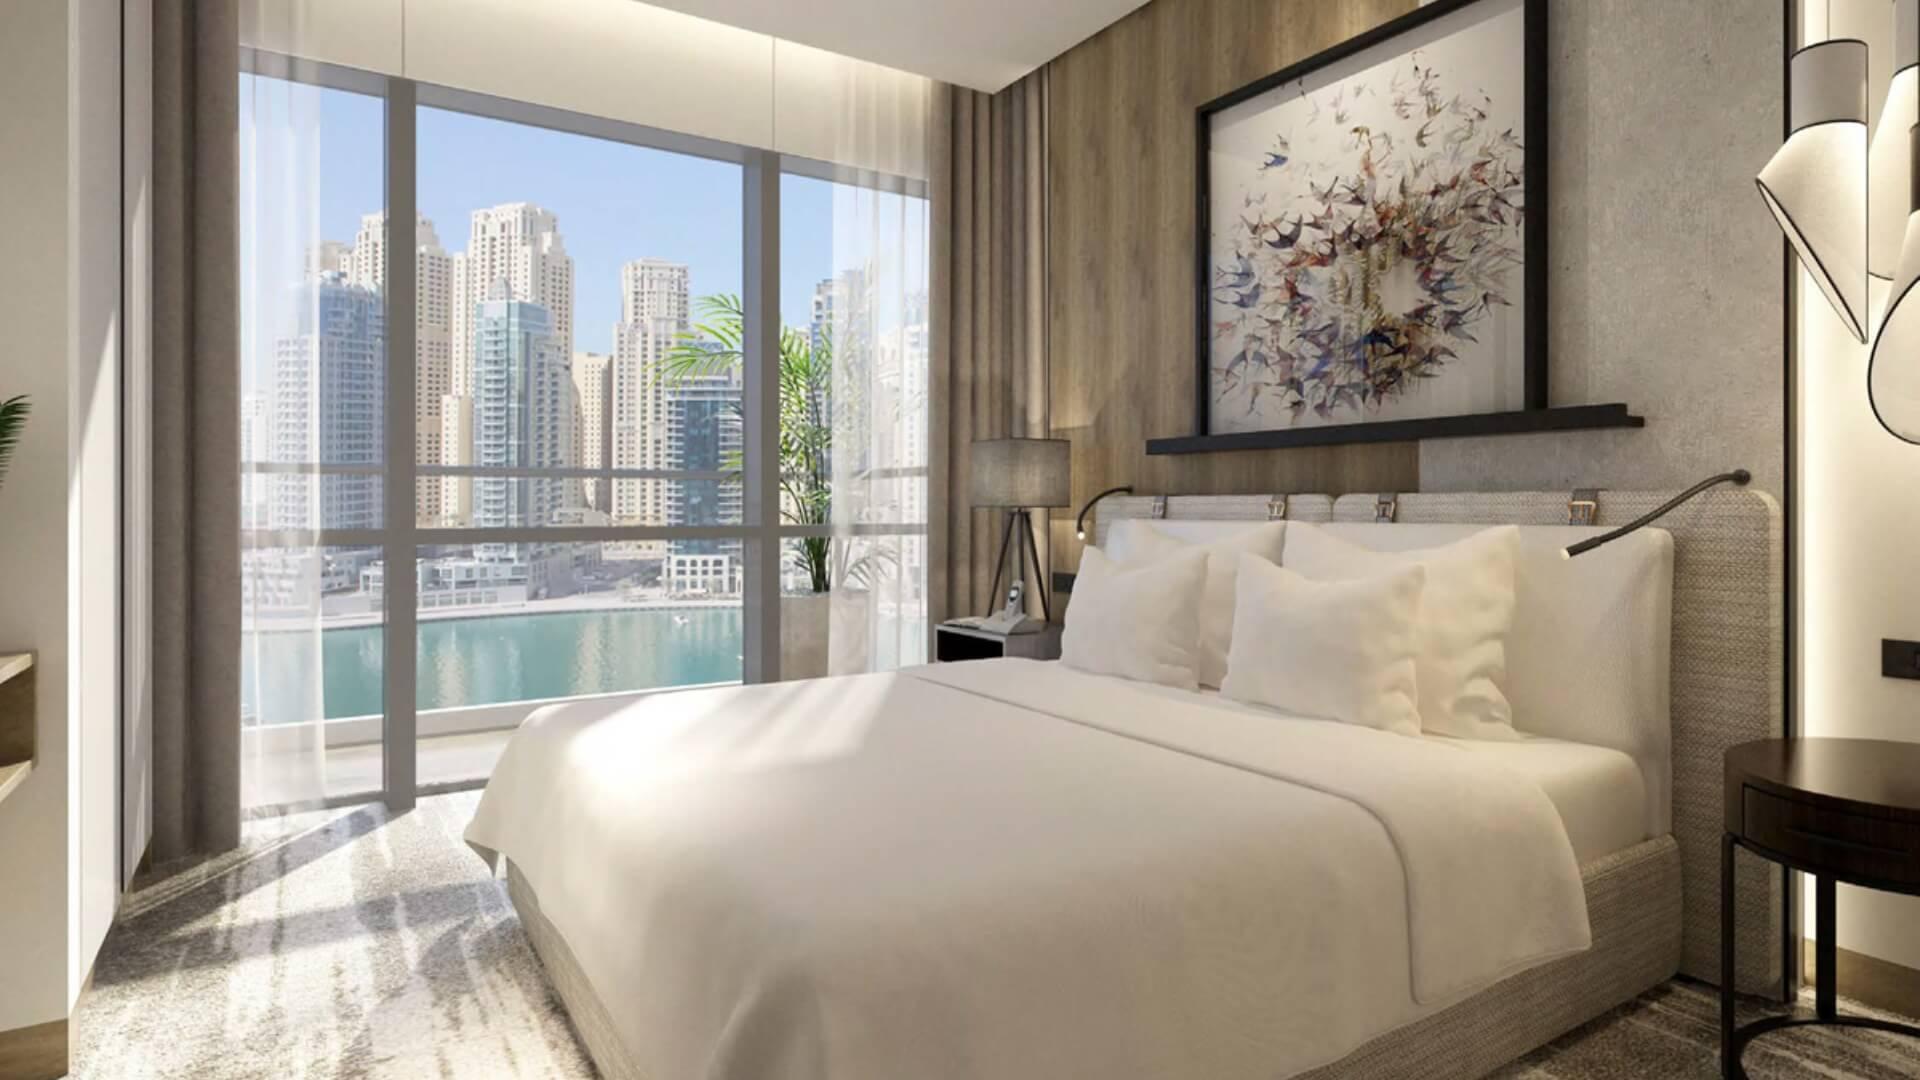 Apartamento en venta en Dubai, EAU, 2 dormitorios, 102 m2, № 24329 – foto 1